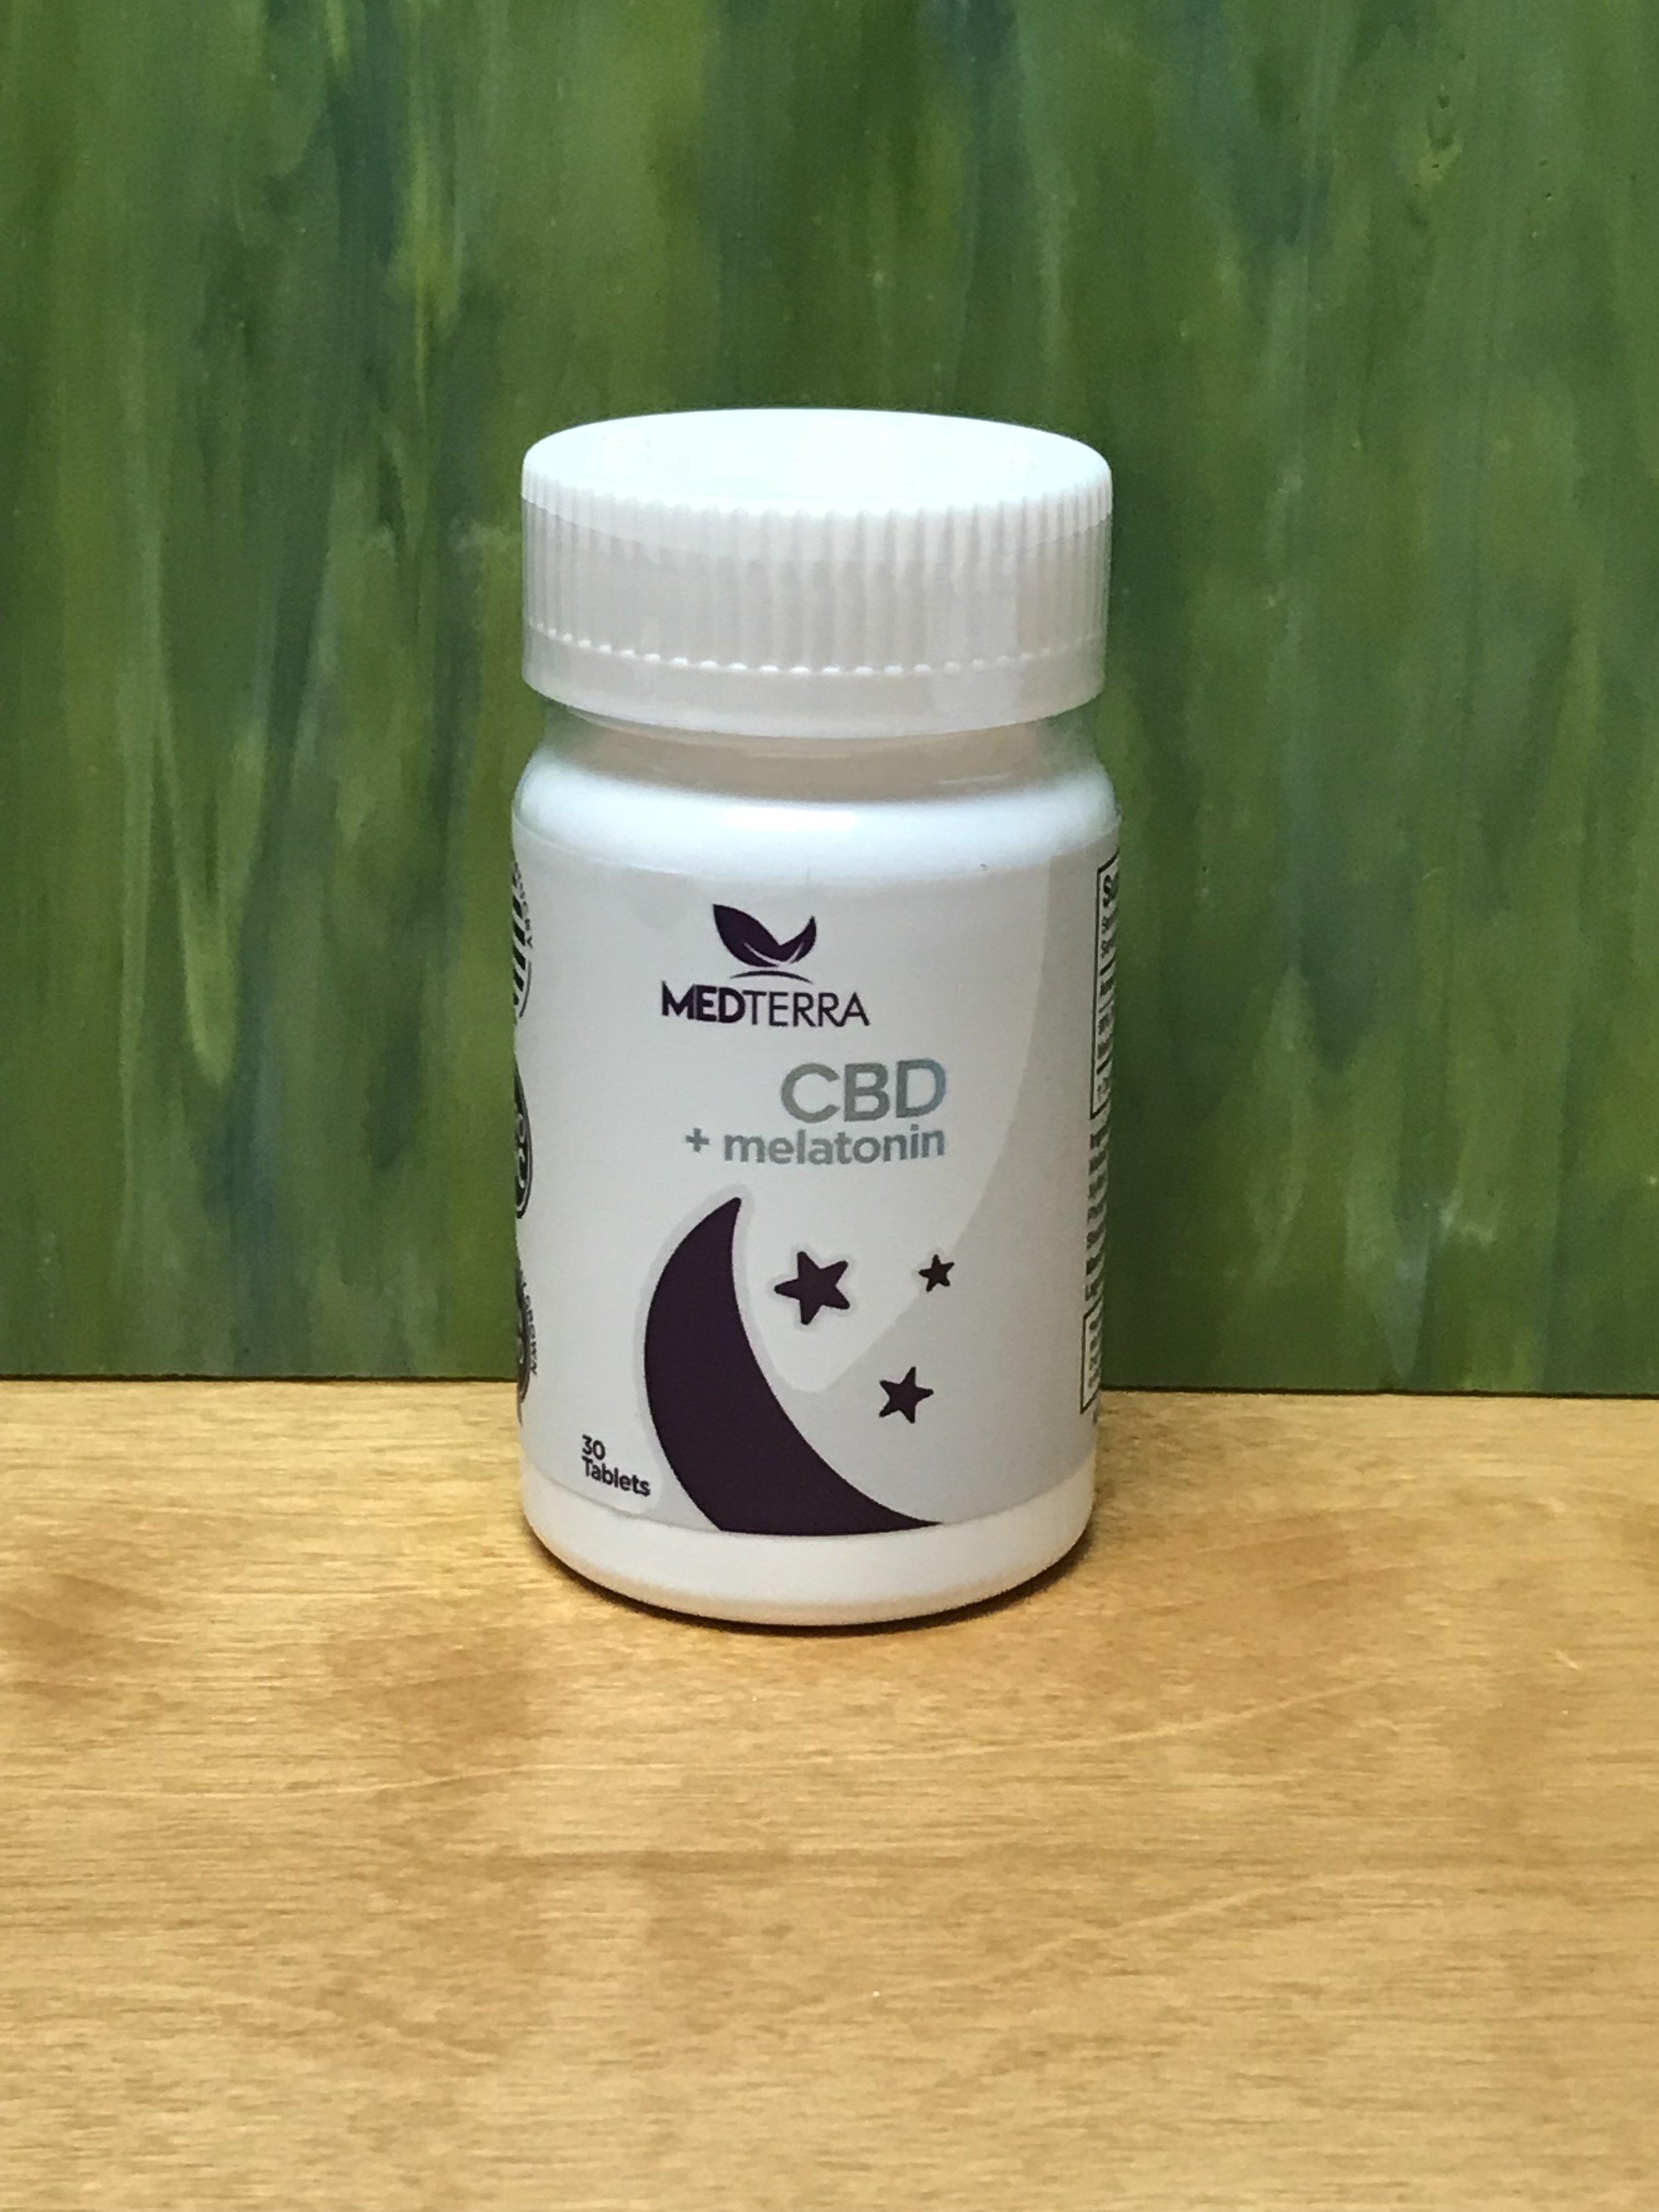 Medterra CBD+Melatonin25mg cbd/10mg melatonin - $69.99 (30 count)